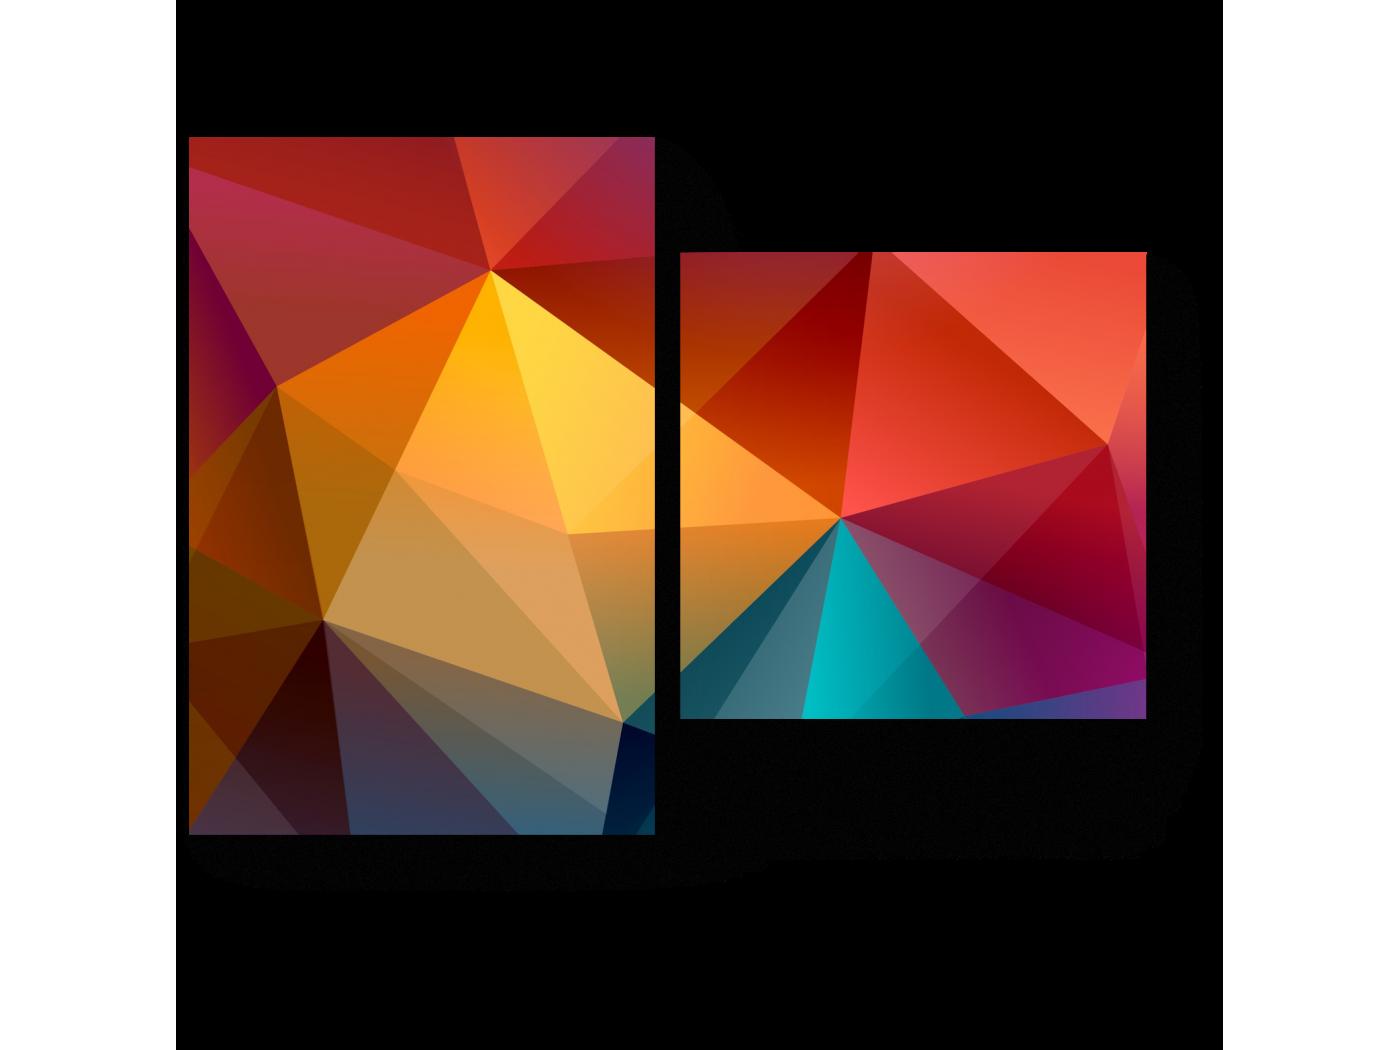 Модульная картина Геометрическая радуга (40x30) фото